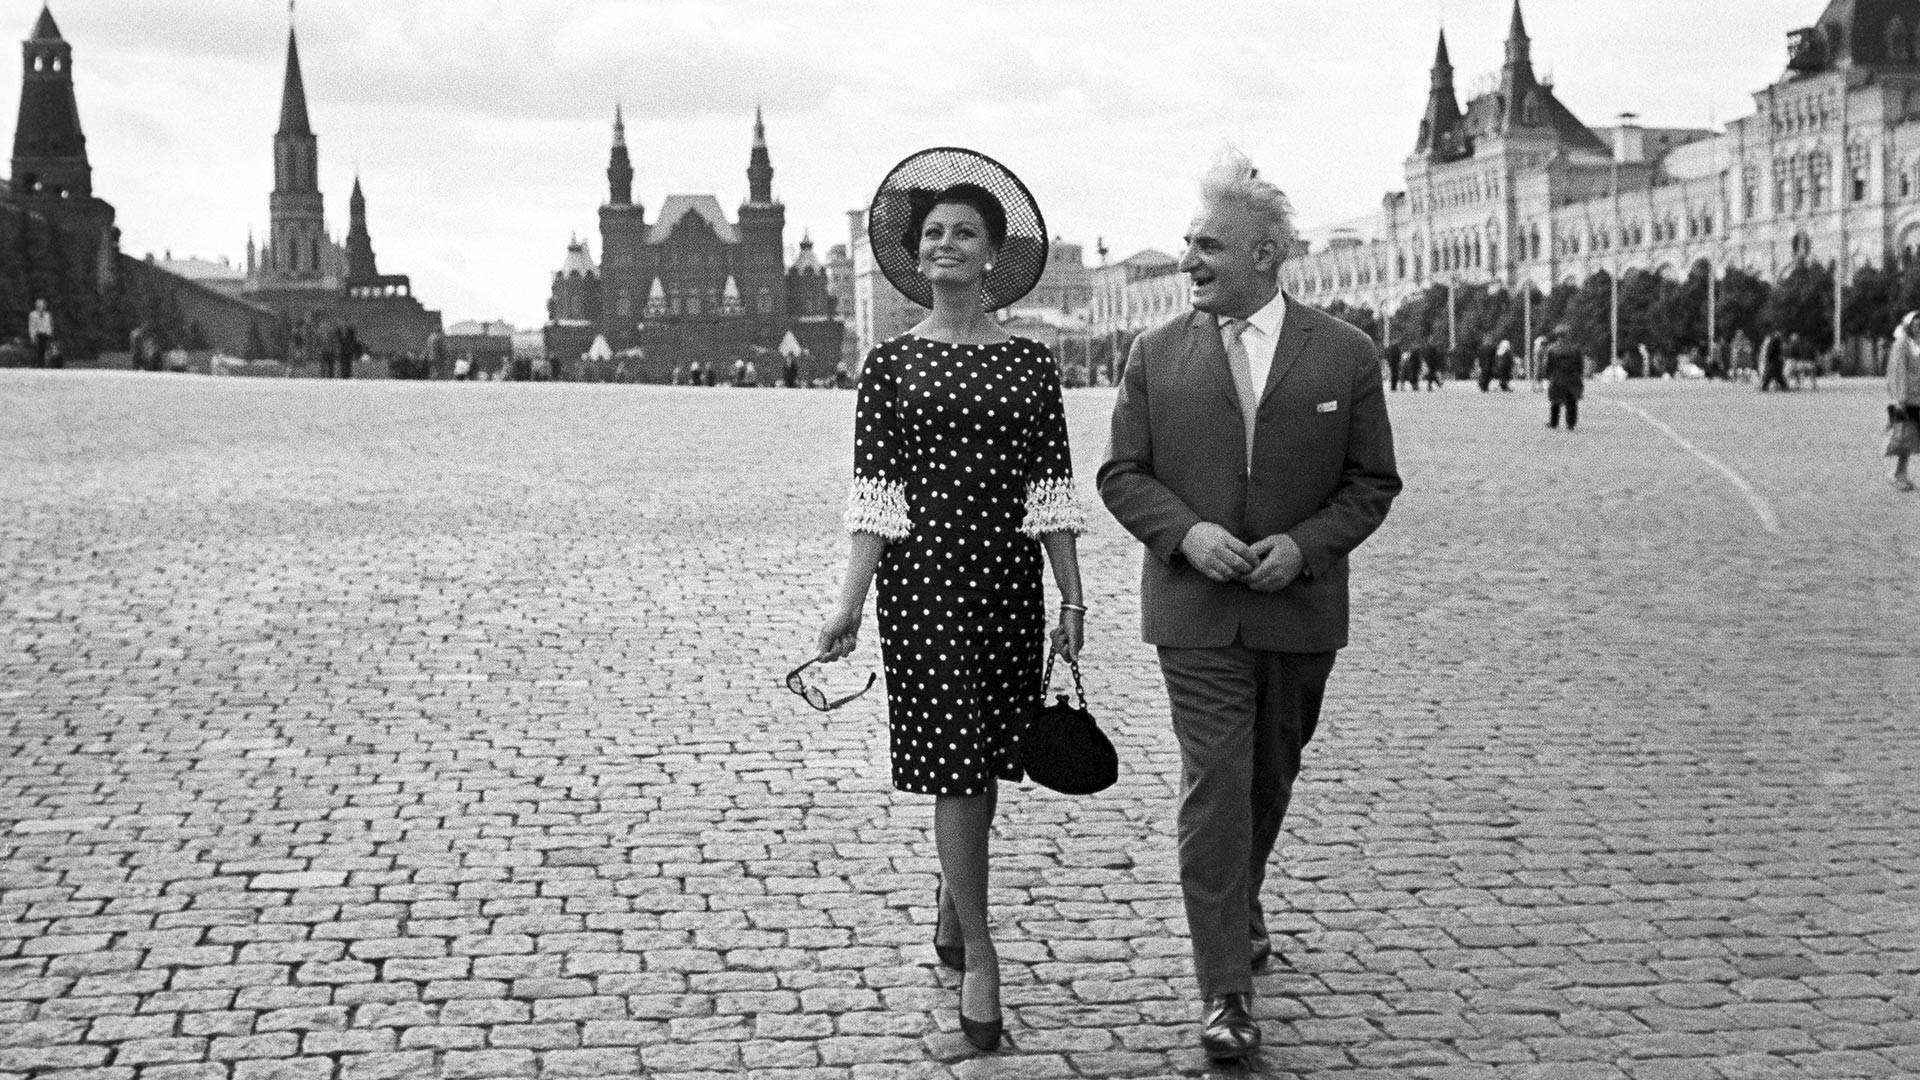 Sophia Loren in državnik umetnik ZSSR Sergo Aleksandrovič Zakariadze na Rdečem trgu